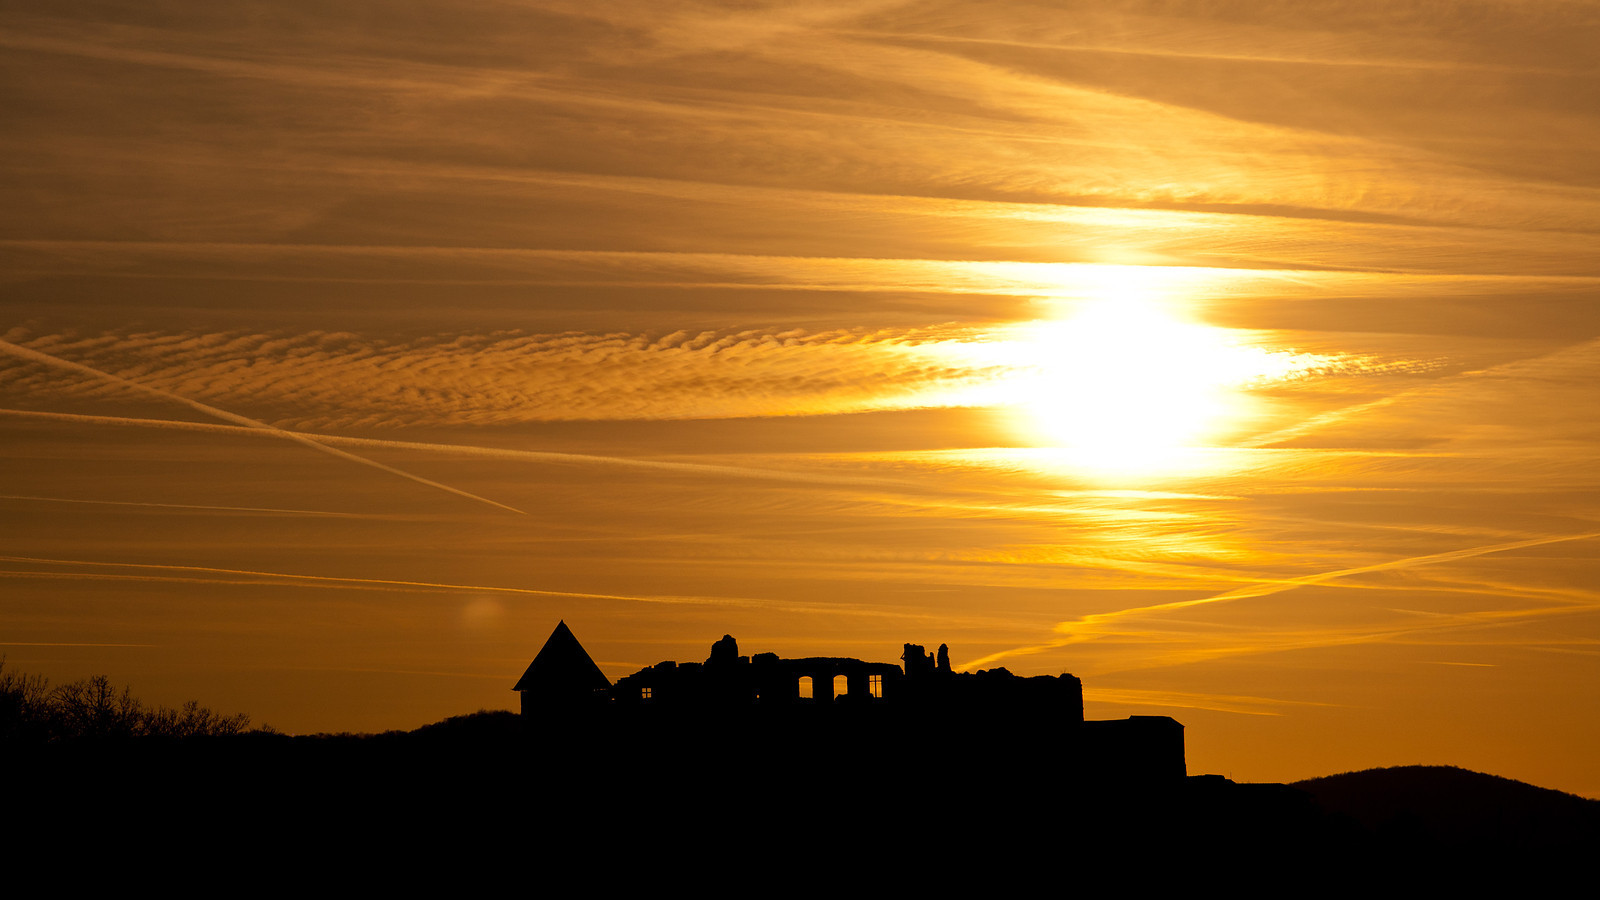 Medieval castle of Visegrád in the sunset